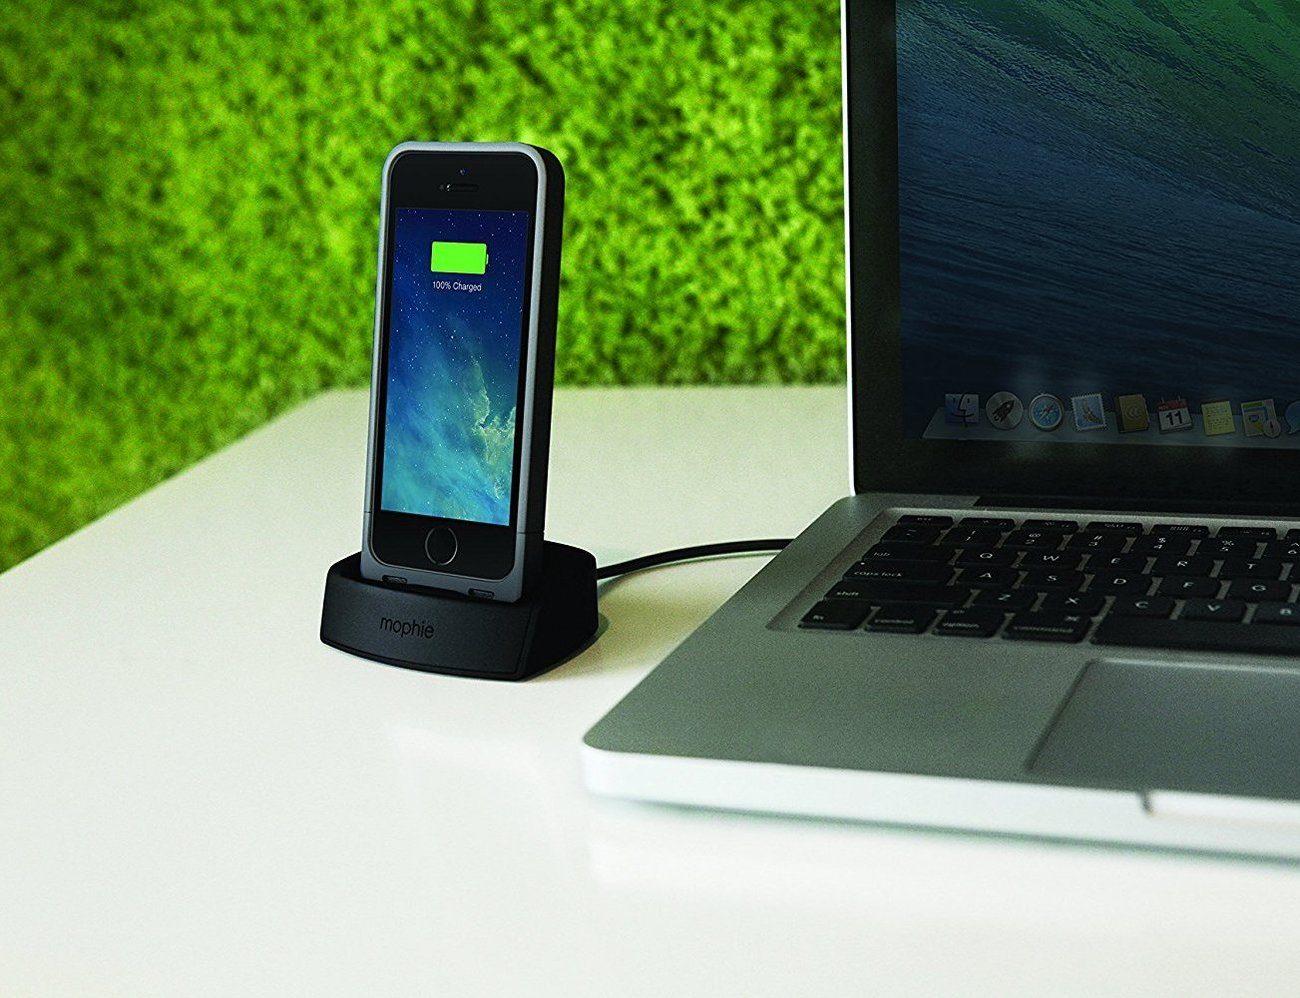 mophie Desktop Charging Dock